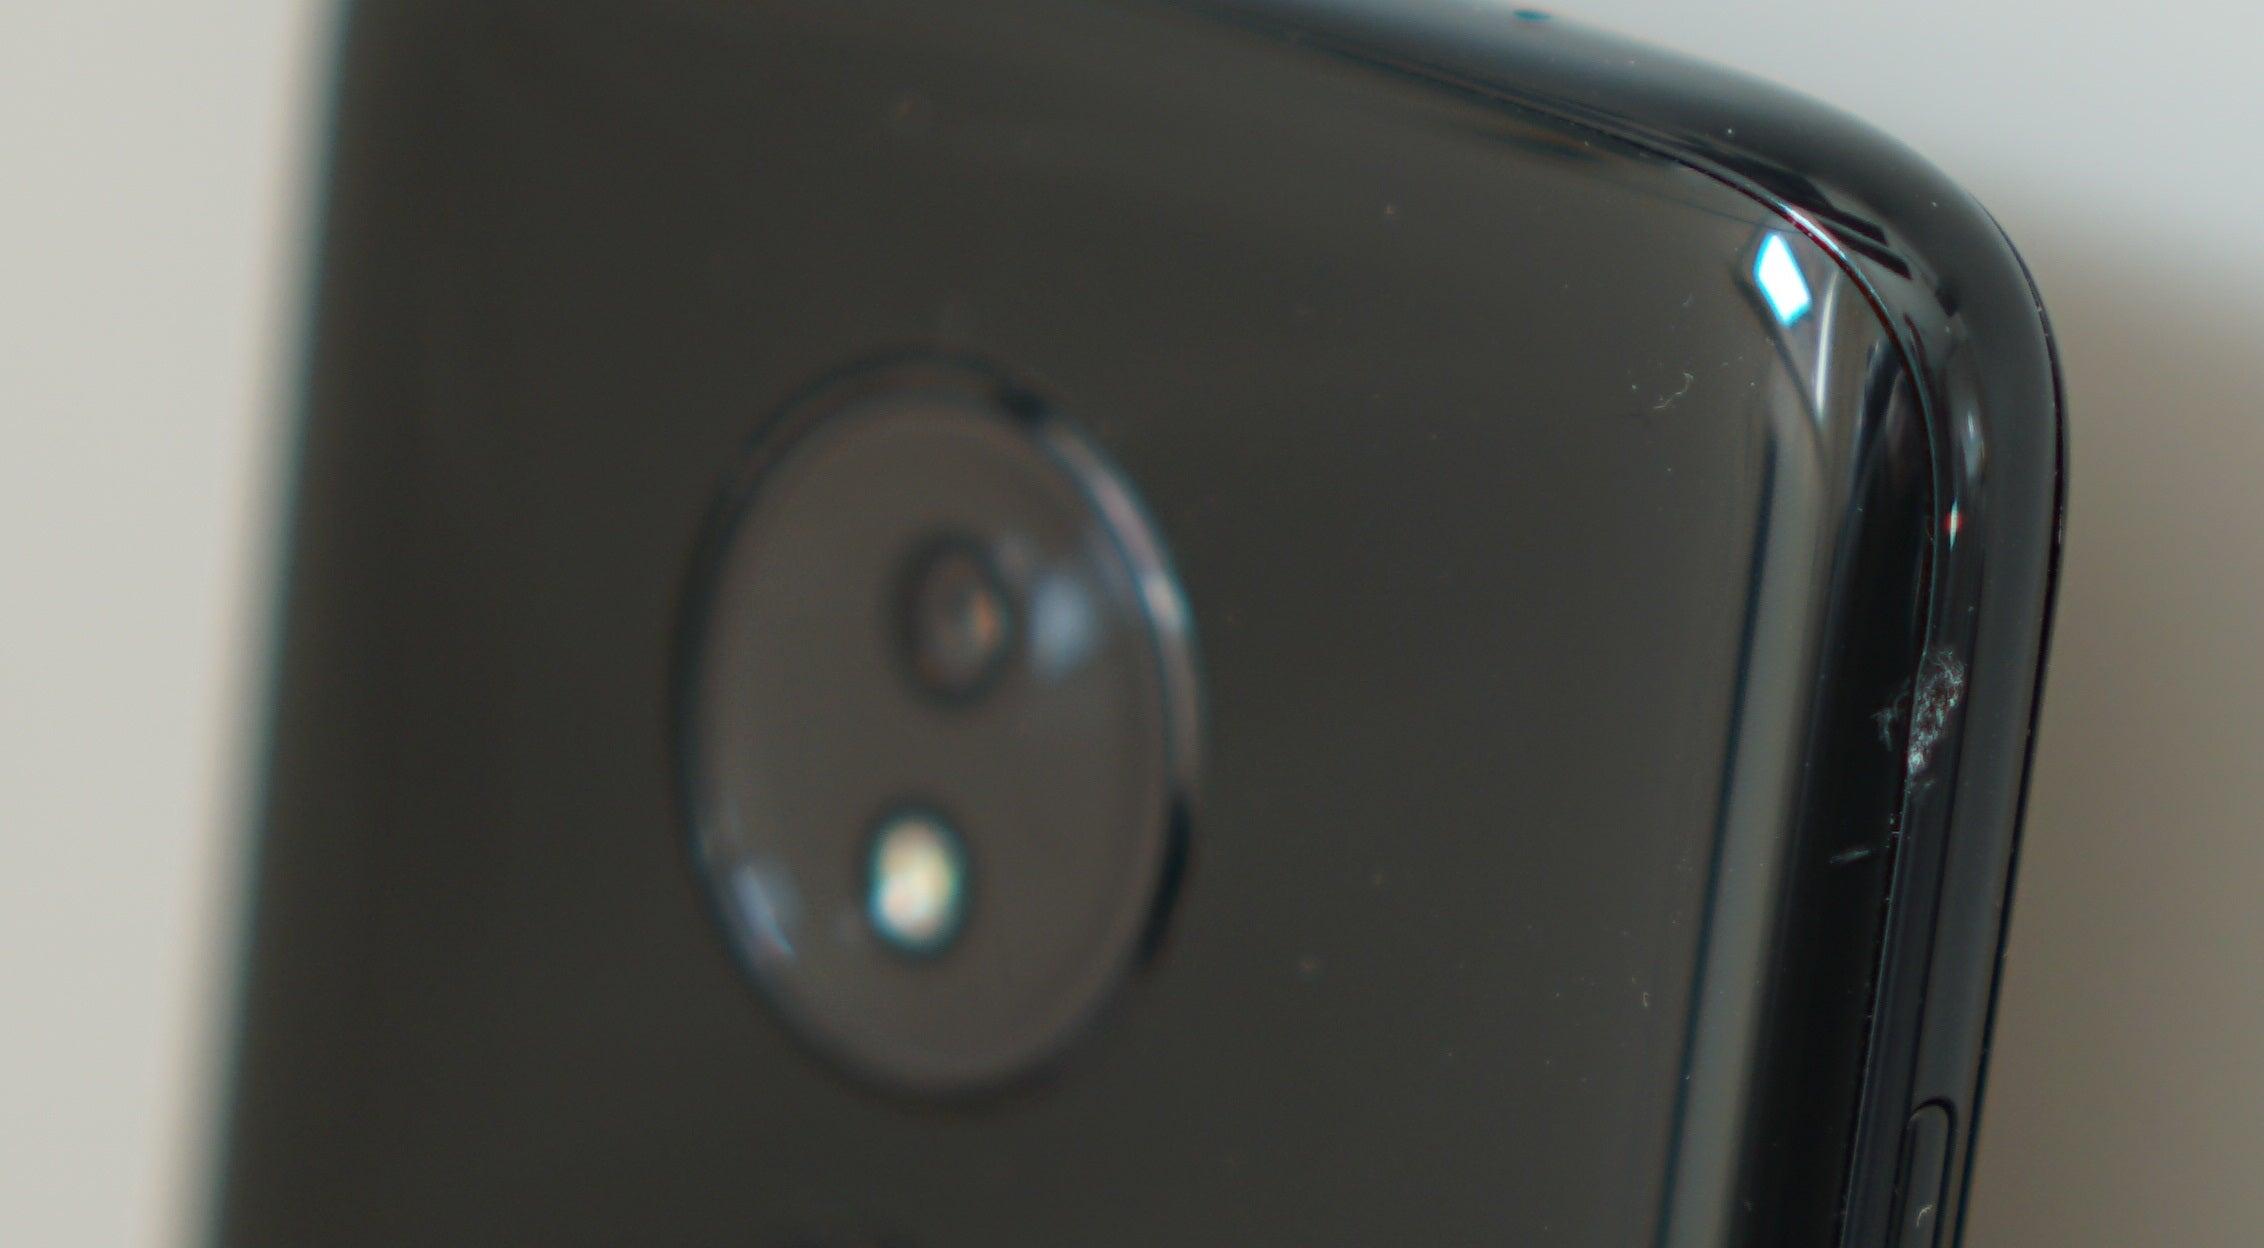 Motorola Moto G7 Power: Bruchstelle